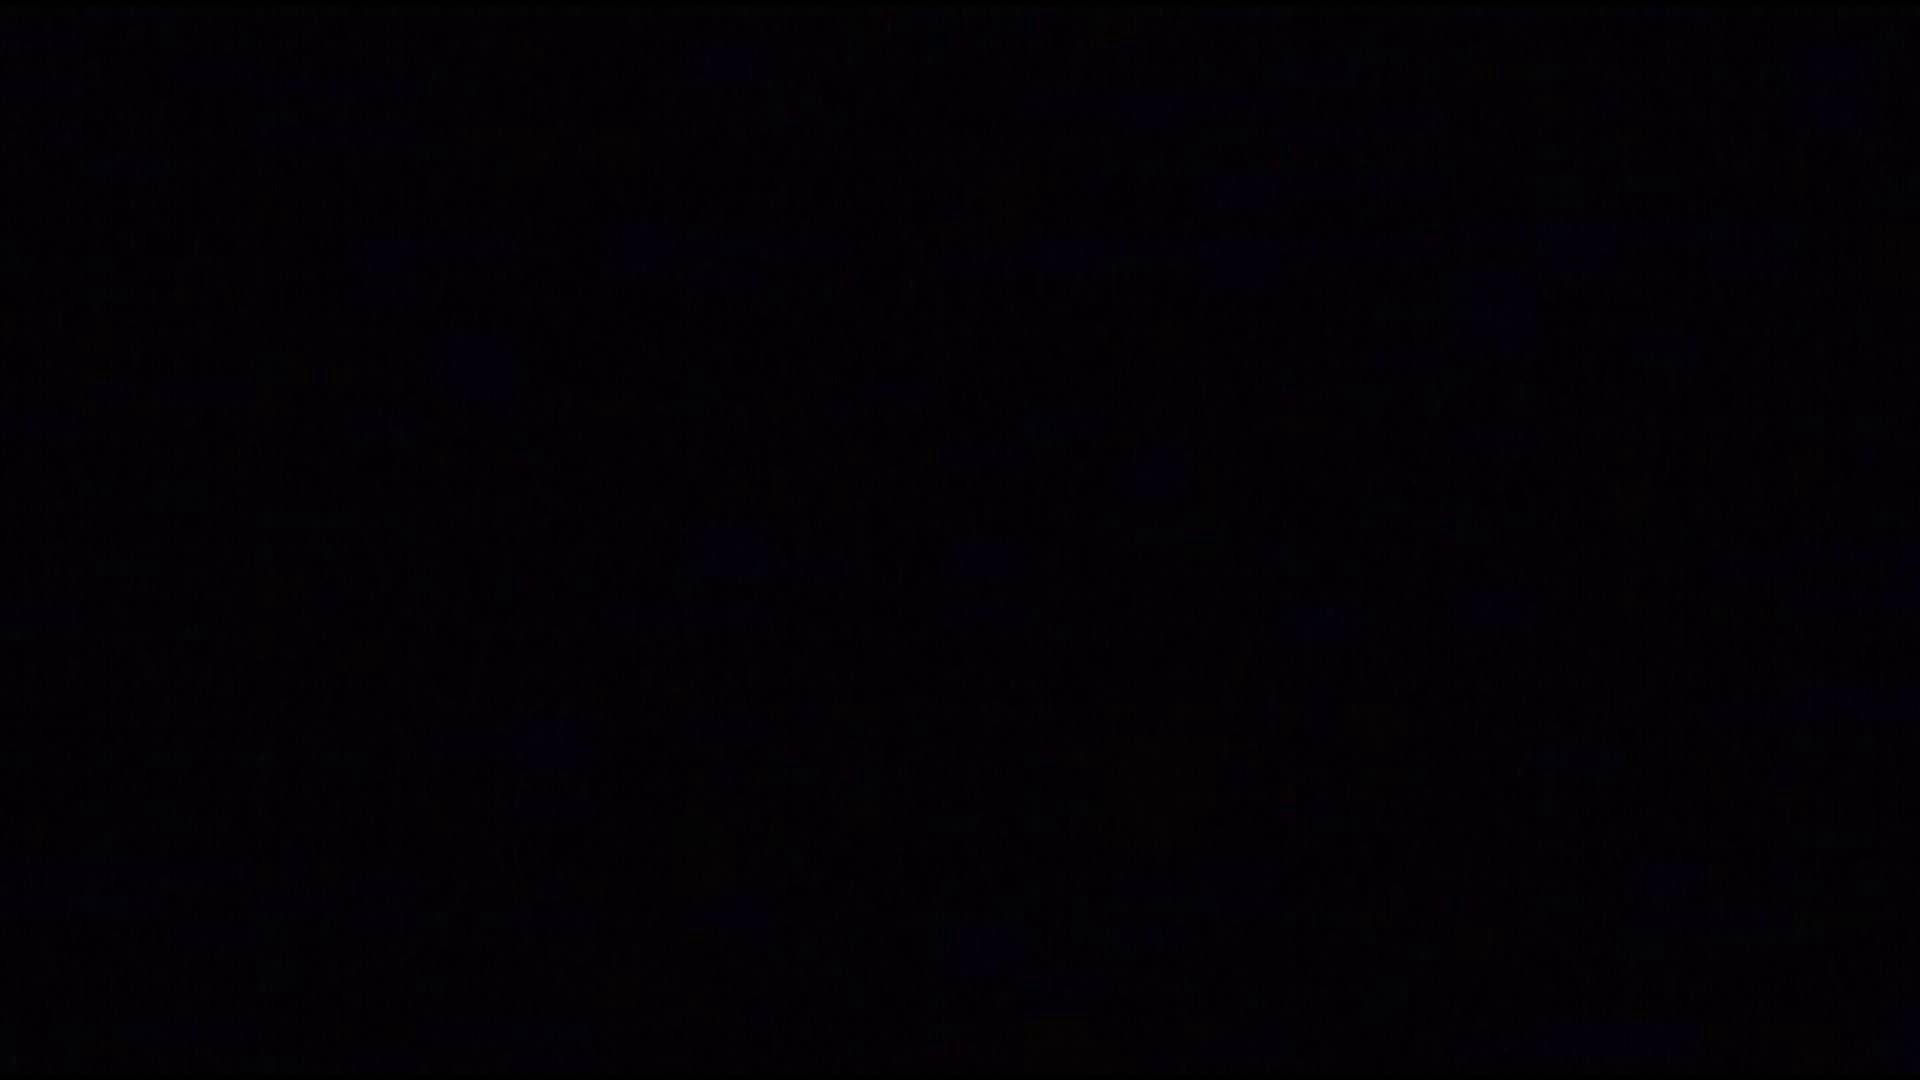 民家の騎士さんの最後の性戦ハイビジョン!!No.47 おっぱい オマンコ無修正動画無料 79画像 62